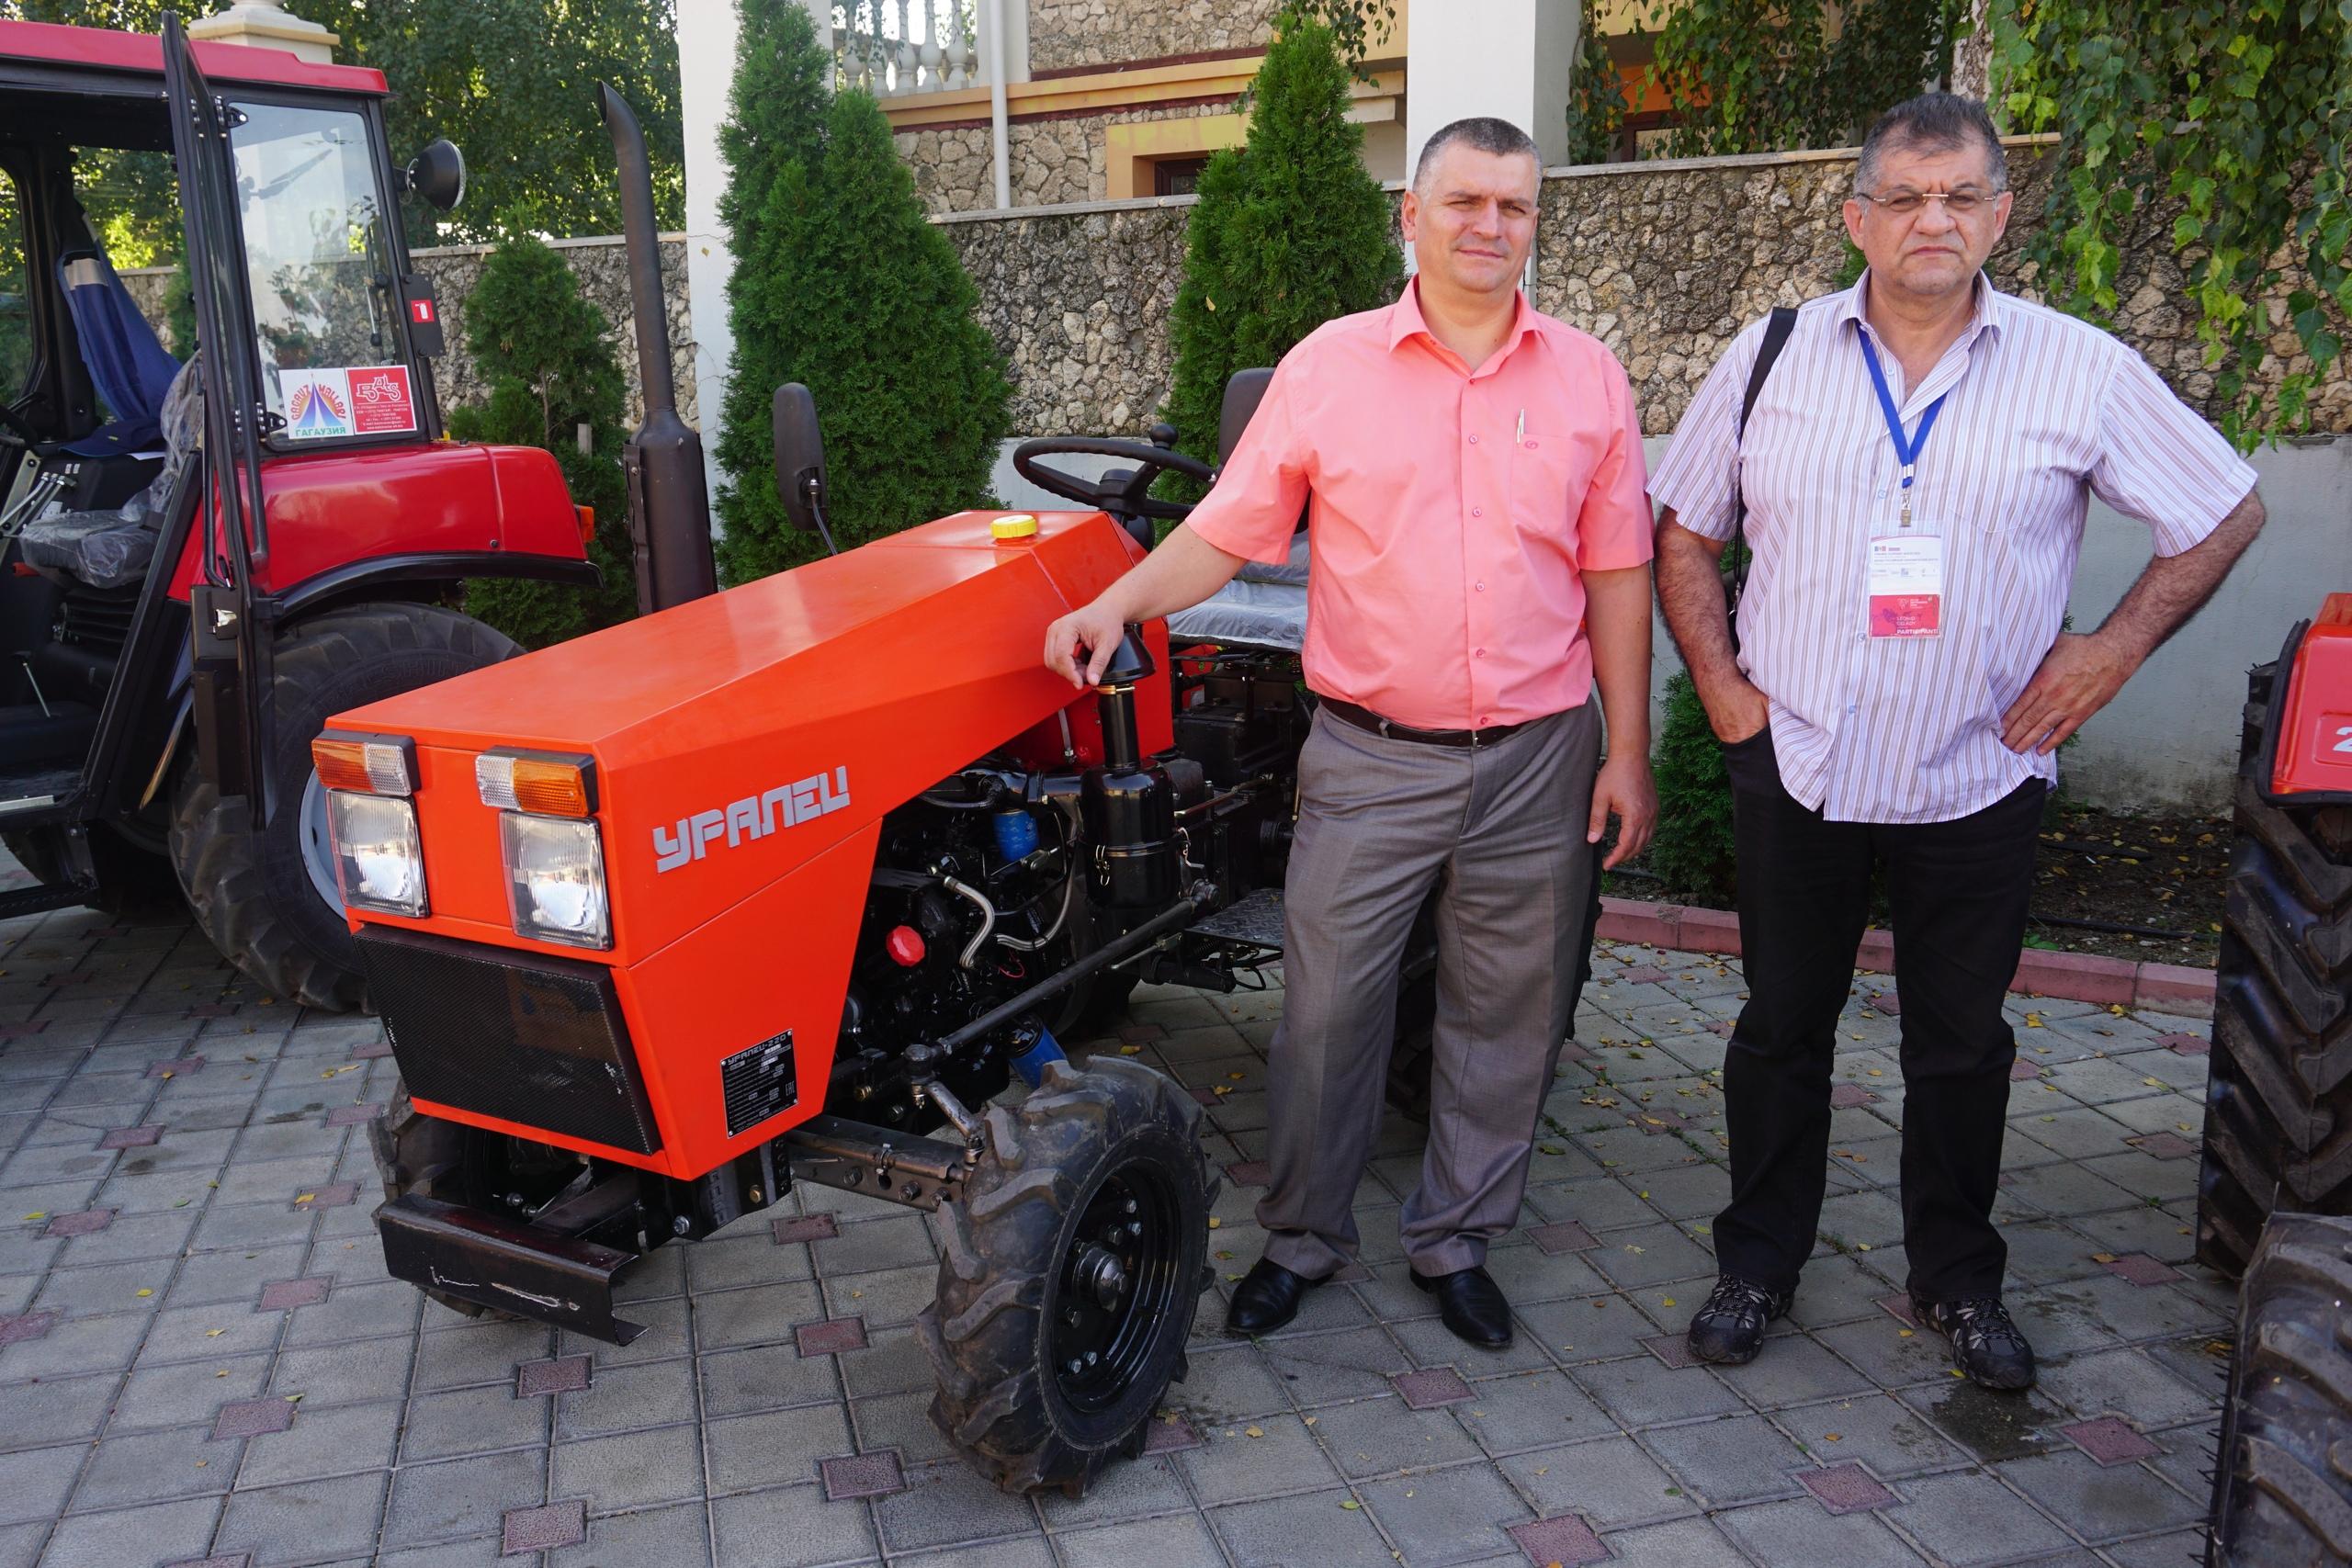 Молдова уже оценила. Южноуральская техника выходит на новый рынок